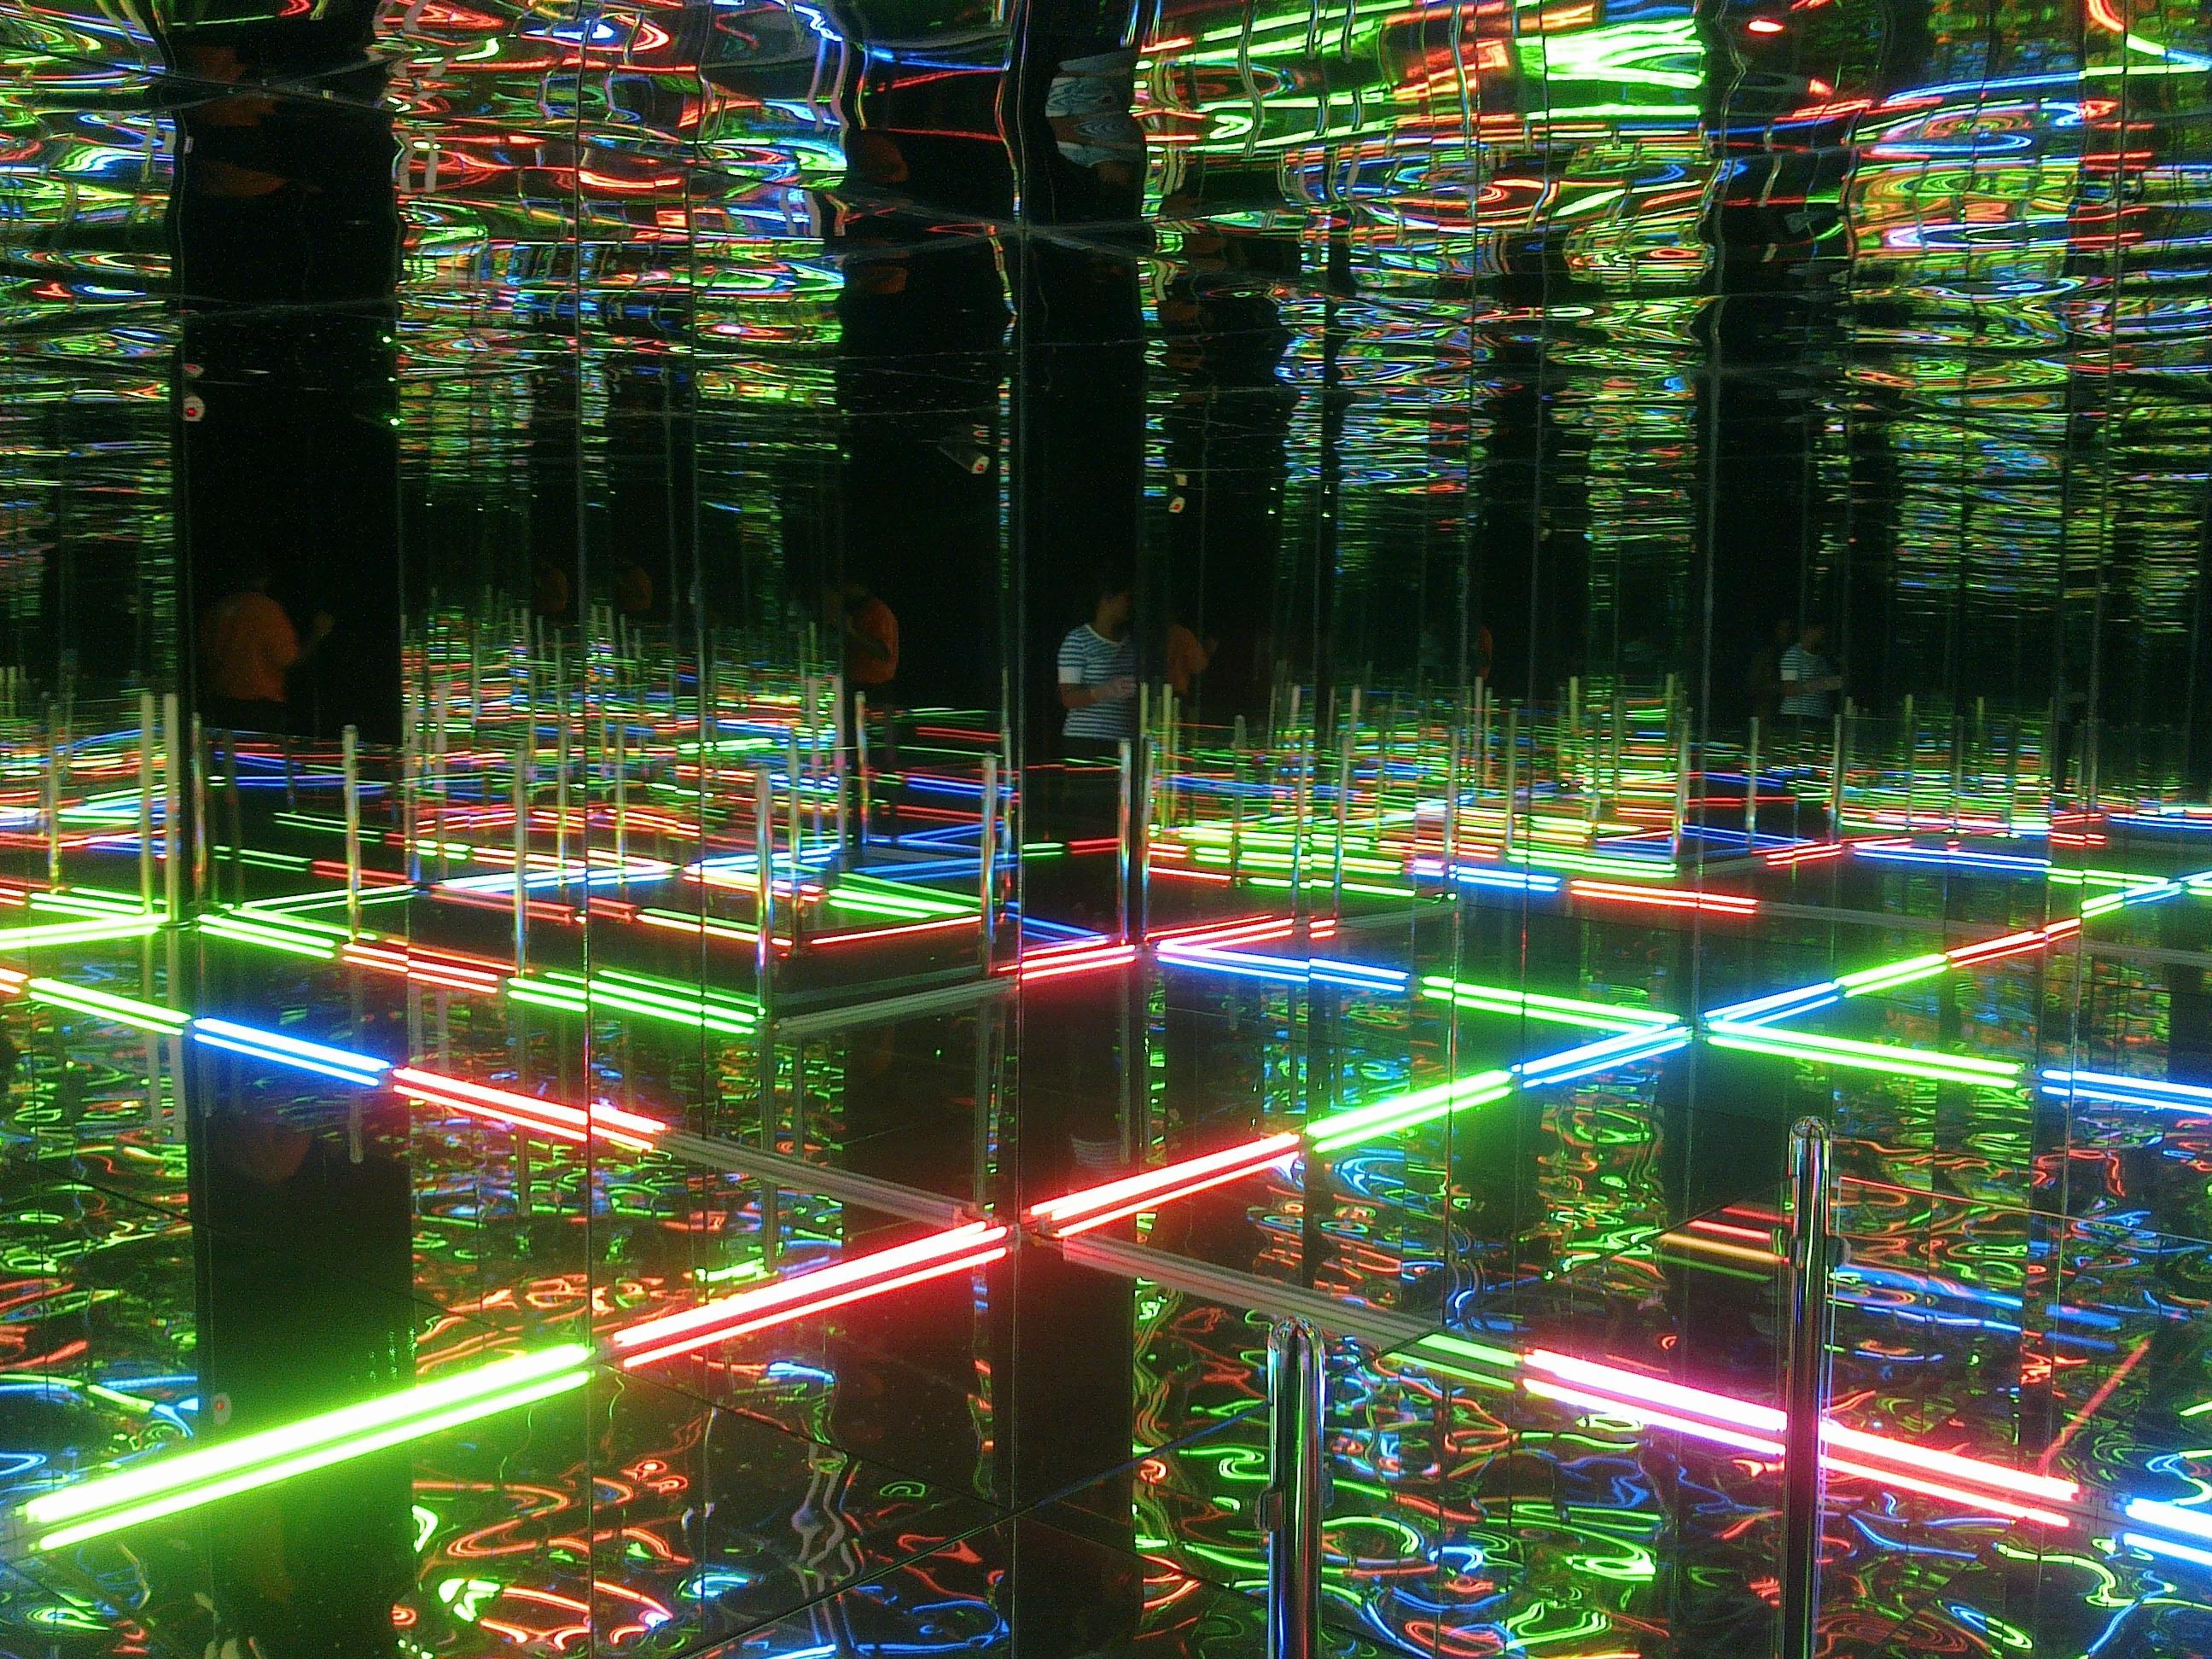 The Amazing Mirror Maze